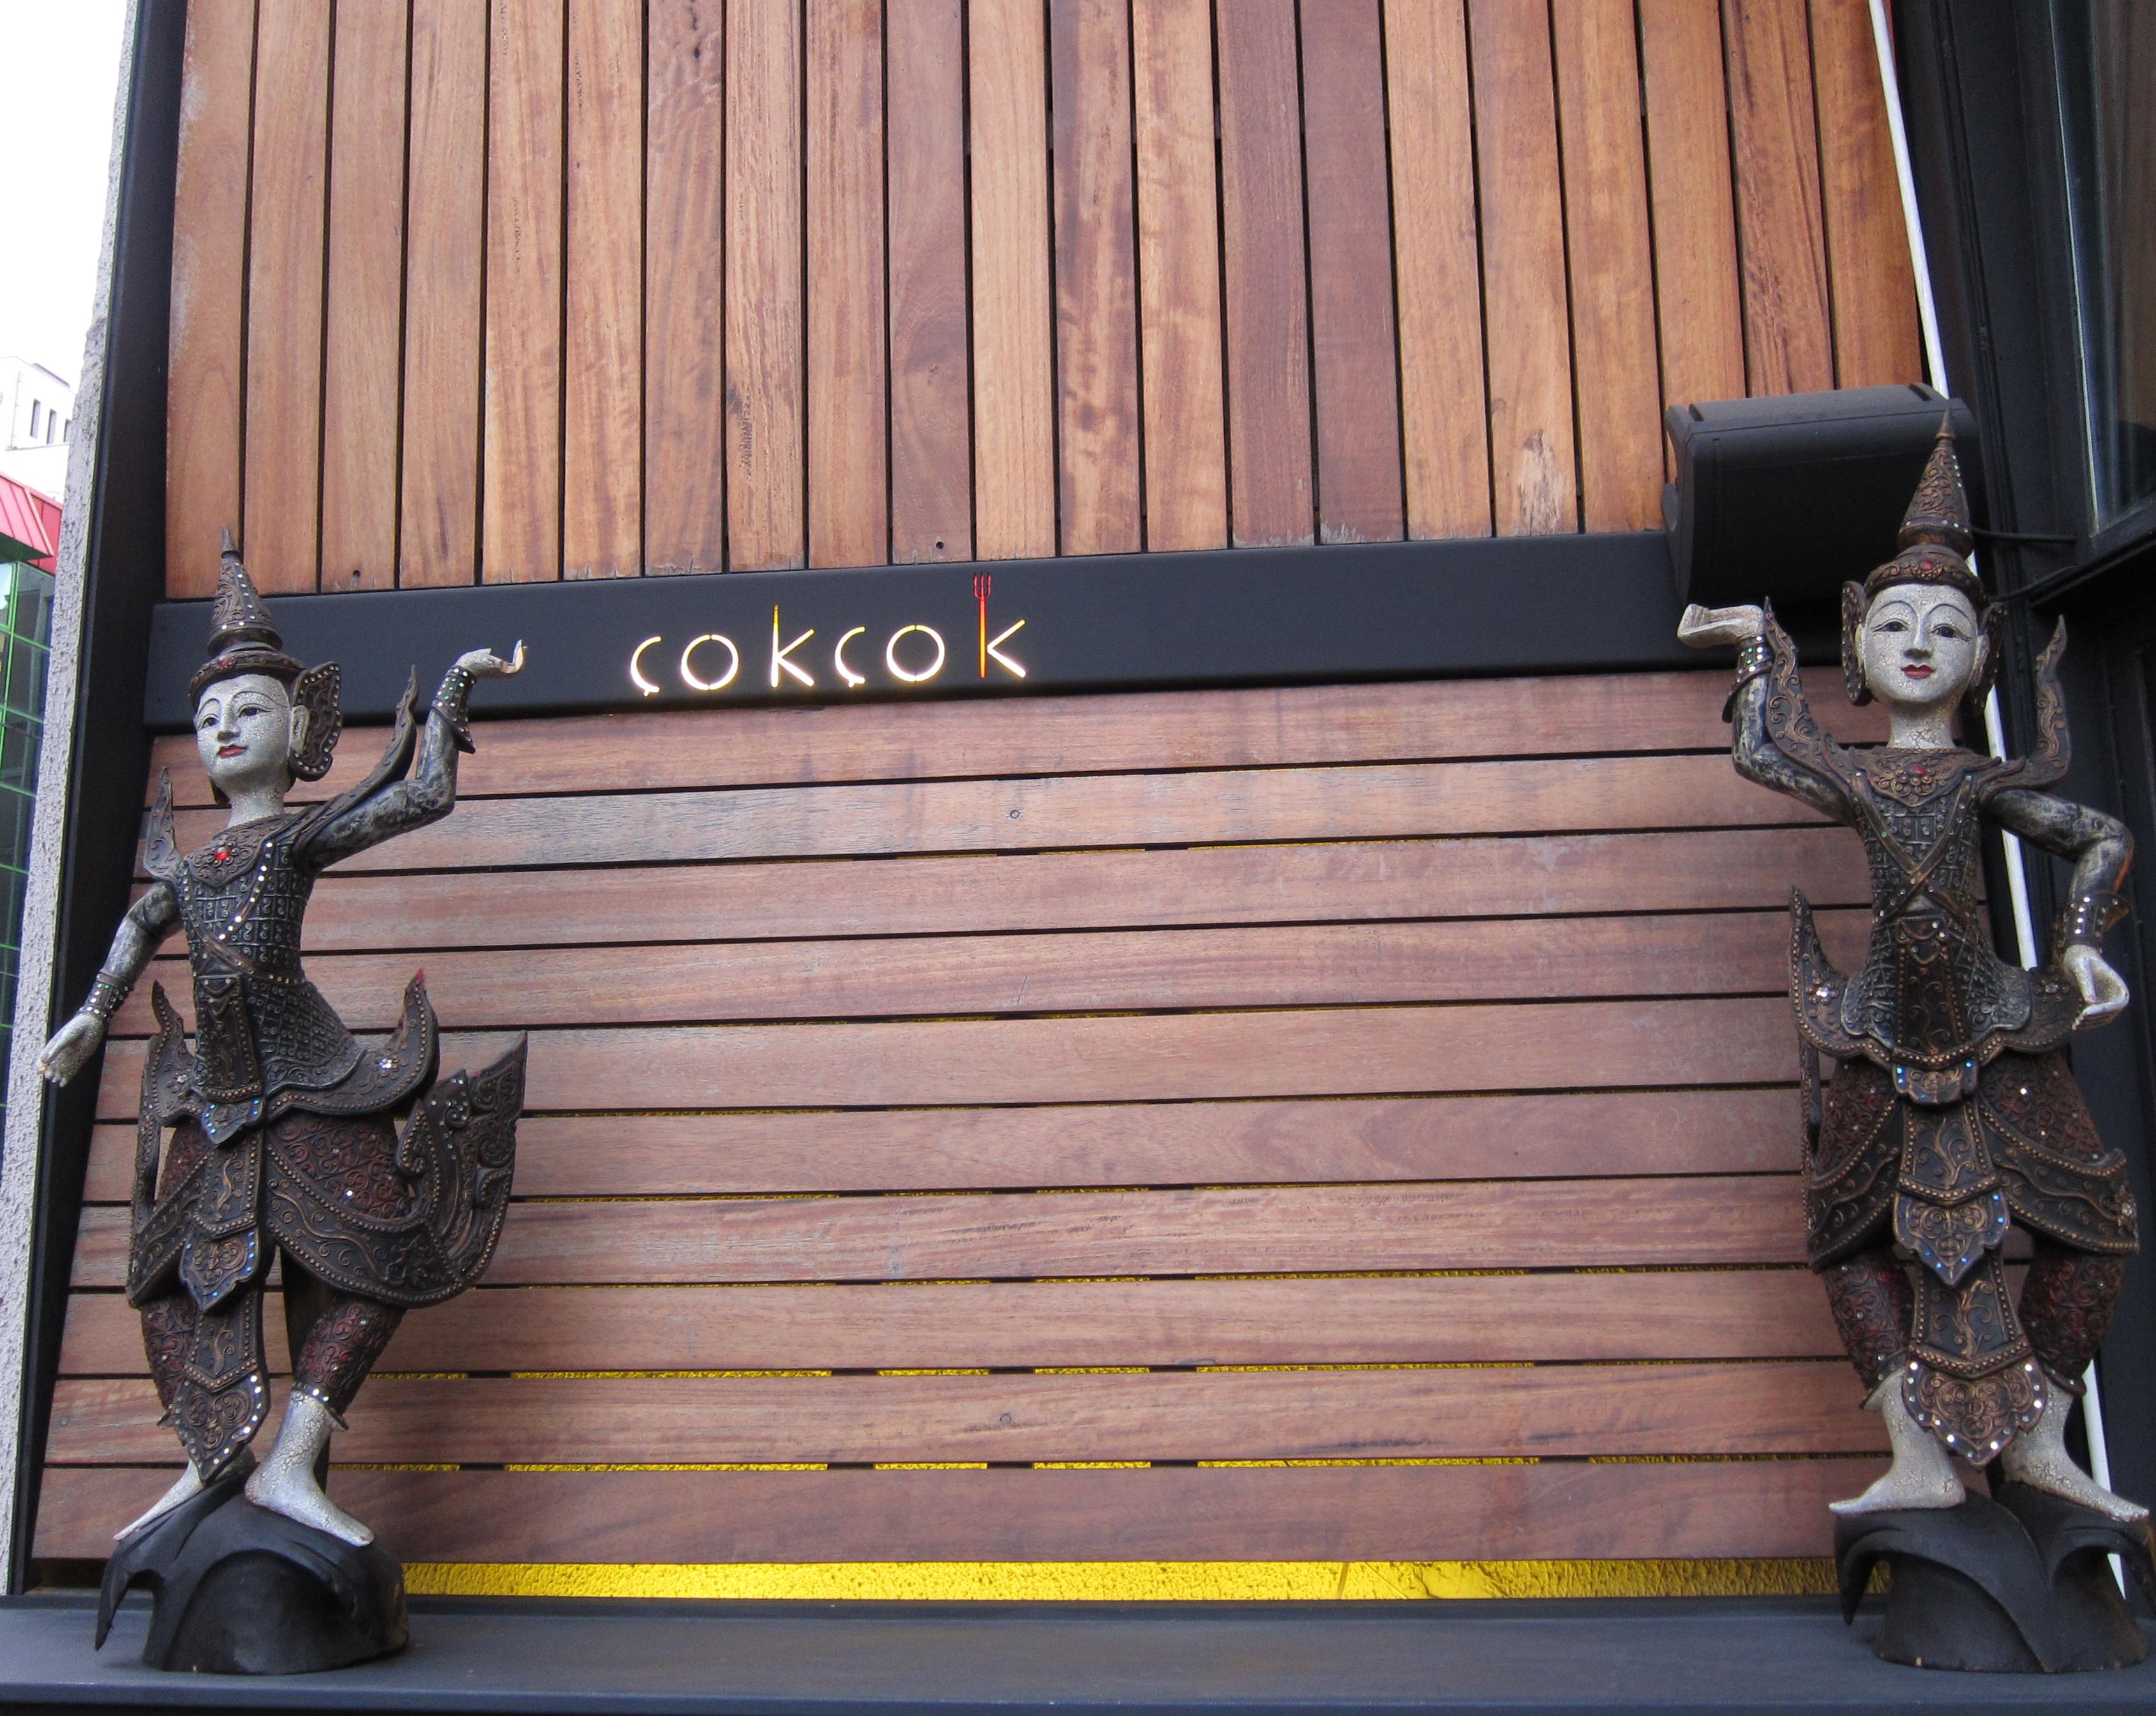 CokCok